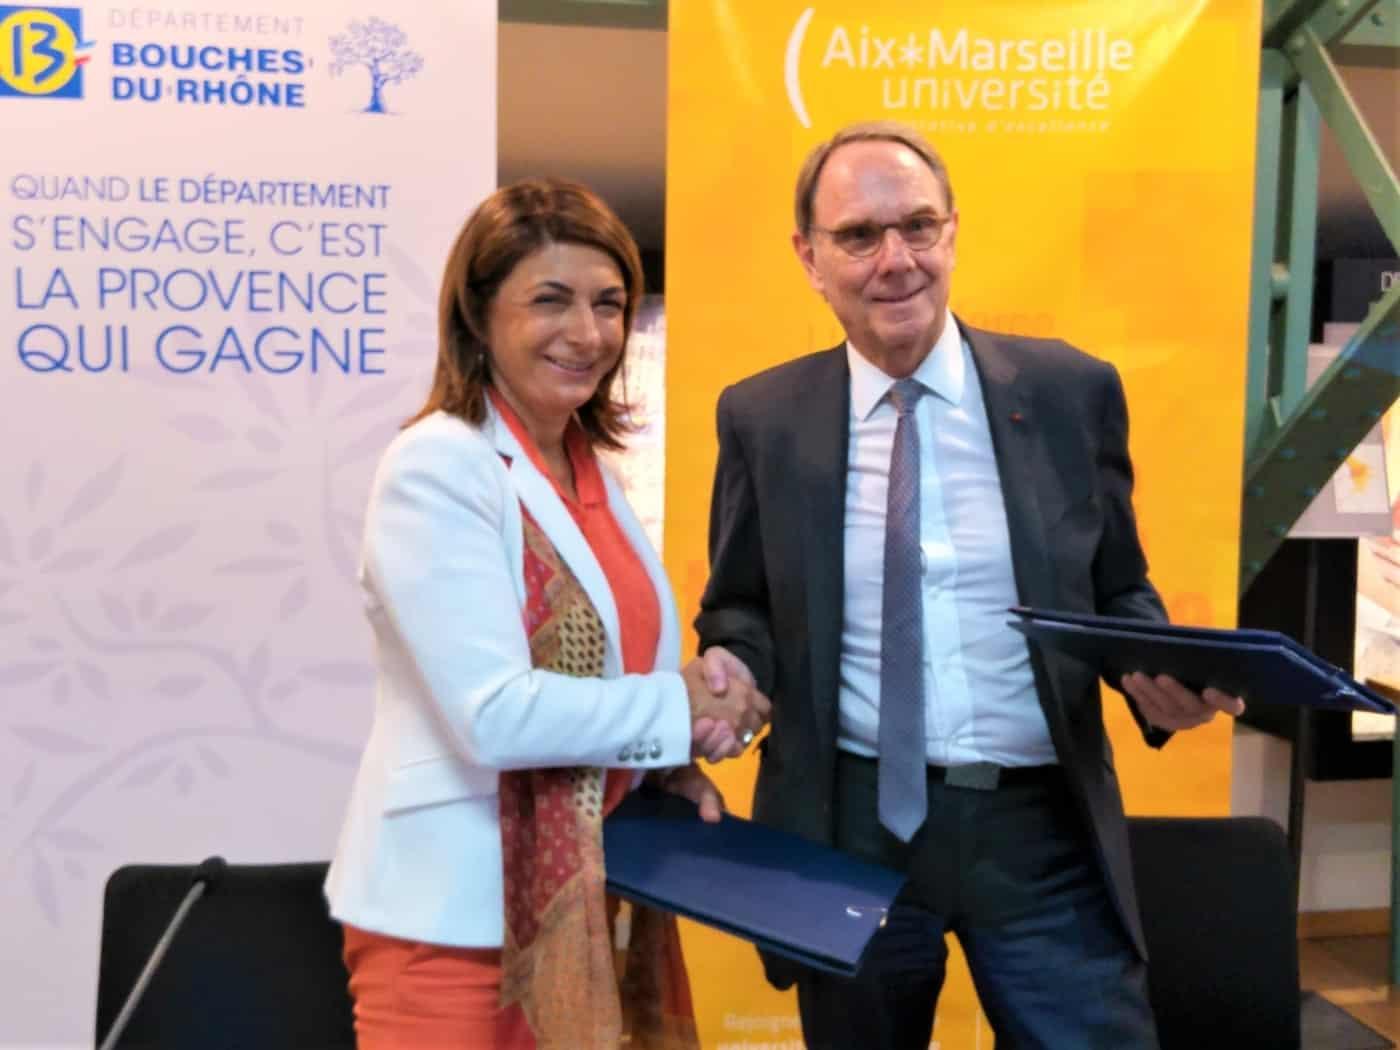 , Aix-Marseille Université et le Département avancent main dans la main